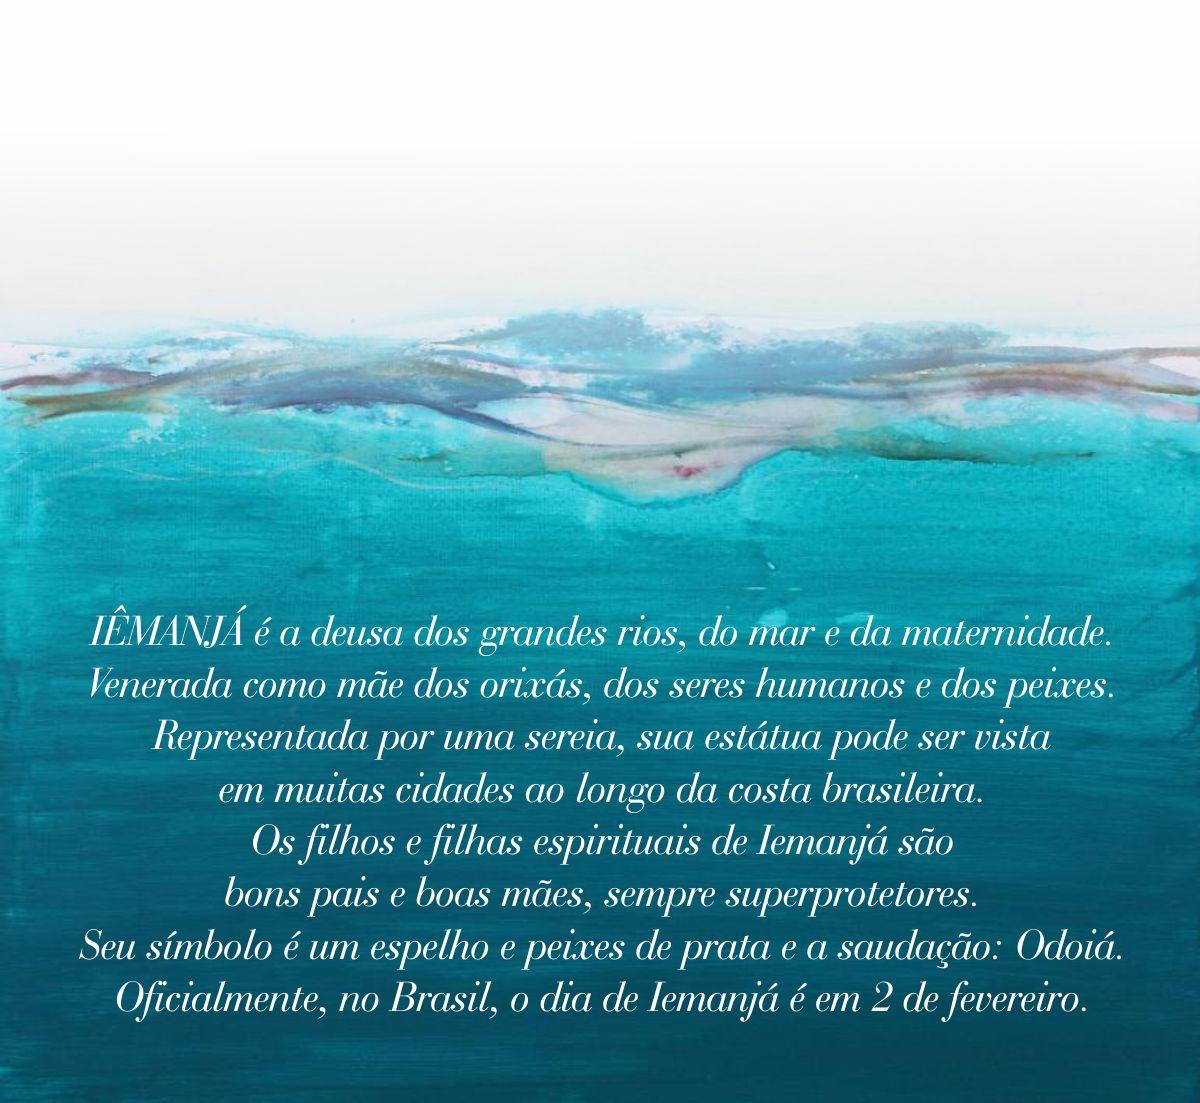 iemanja-rainha-do-mar-odoia-orixa-mae-divina-deusa-afro-nosso-blog-texto.jpg